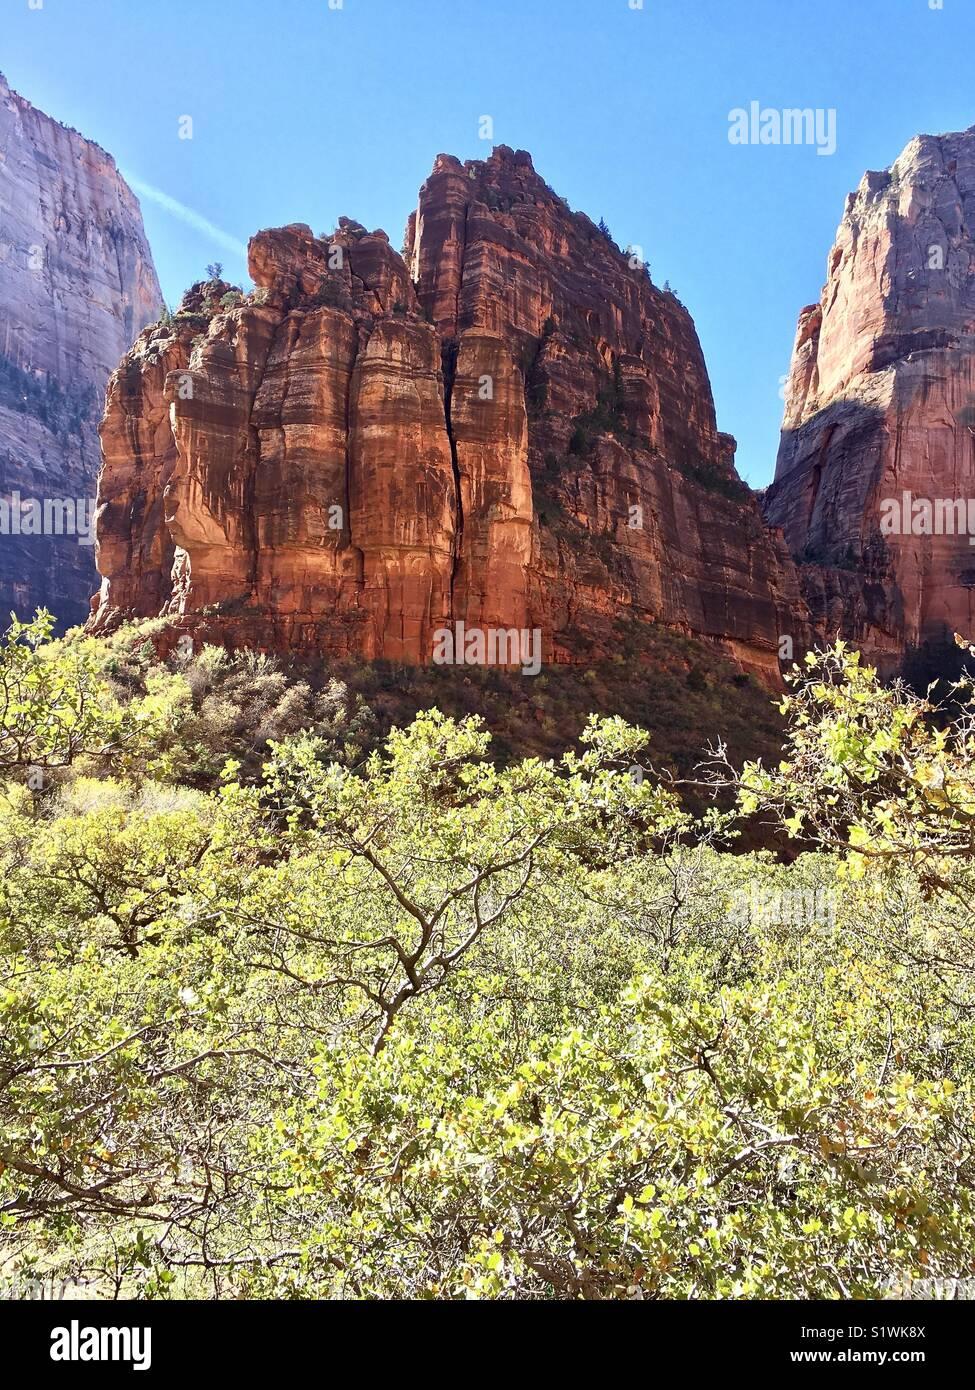 Les roches rouges de Zion National Park Photo Stock